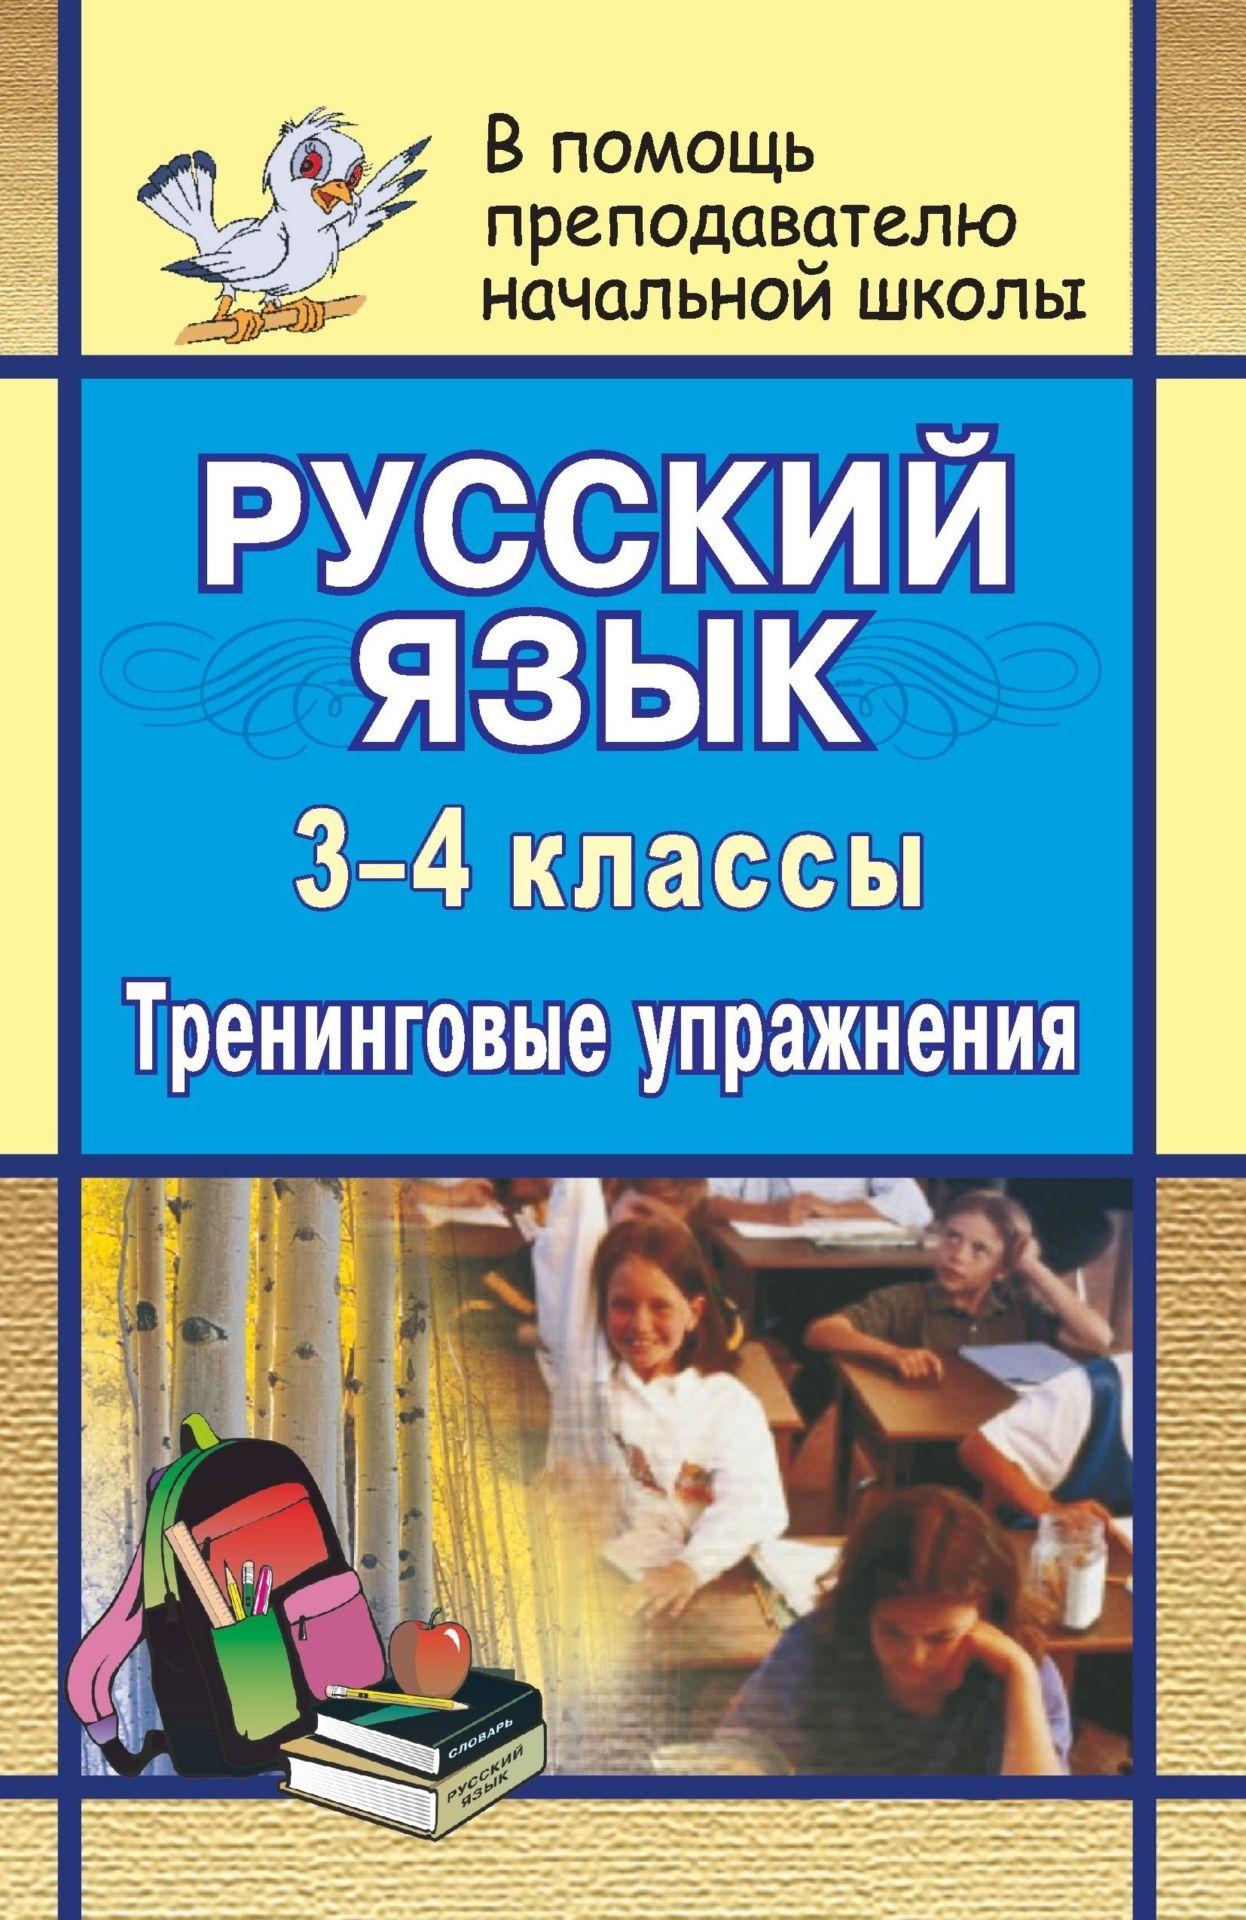 Русский язык. 3-4 кл. Тренинговые упражненияПредметы<br>Пособие представляет систематизированные тренинговые задания по русскому языку для 3-4 классов, соответствующие требованиям образовательной программы.Для формирования навыков орфографической зоркости и пунктуационной грамотности у учащихся с разным уровне...<br><br>Авторы: Смирнова И. Г., Бондарева Т. В.<br>Год: 2007<br>Серия: В помощь преподавателю начальной школы<br>ISBN: 978-5-7057-1226-7<br>Высота: 213<br>Ширина: 138<br>Толщина: 7<br>Переплёт: мягкая, склейка